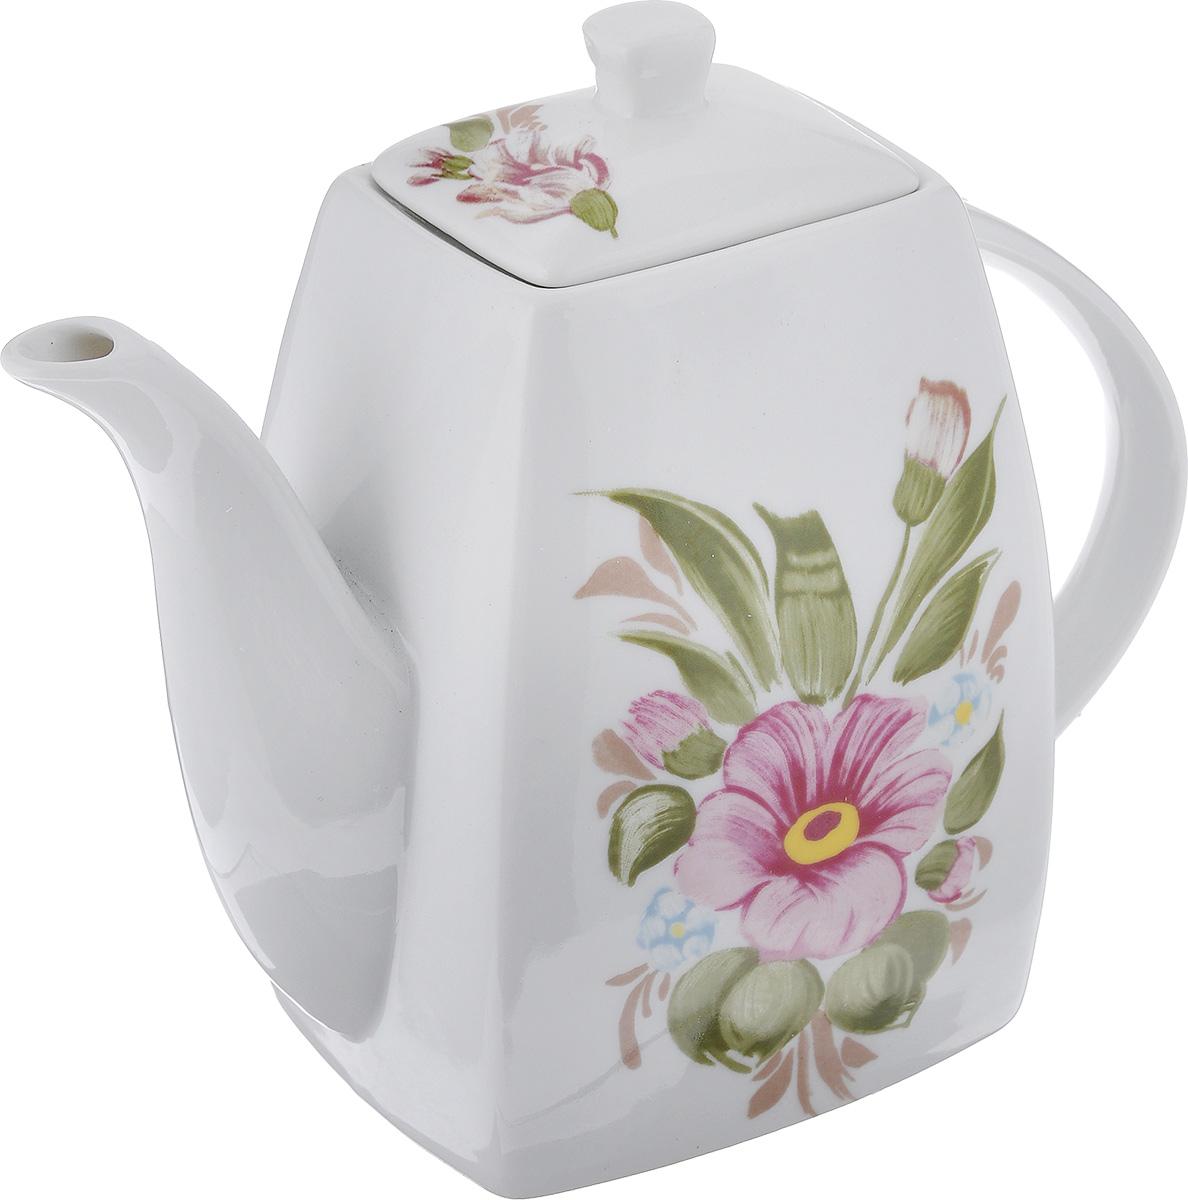 Чайник заварочный Loraine, 1 л. 21175VT-1520(SR)Заварочный чайник Loraine поможет вам в приготовлении вкусного и ароматного чая, а также станет украшением вашей кухни. Он изготовлен из керамики и оформлен красочным изображением. Яркий цветочный рисунок придает чайнику особый шарм, он удобен в использовании и понравится каждому. Такой заварочный чайник станет приятным и практичным подарком на любой праздник.Размер чайника по верхнему краю: 8,2 см х 6,5 см.Размер дна: 11 см х 9 см.Высота чайника без учета крышки: 15,5 см.